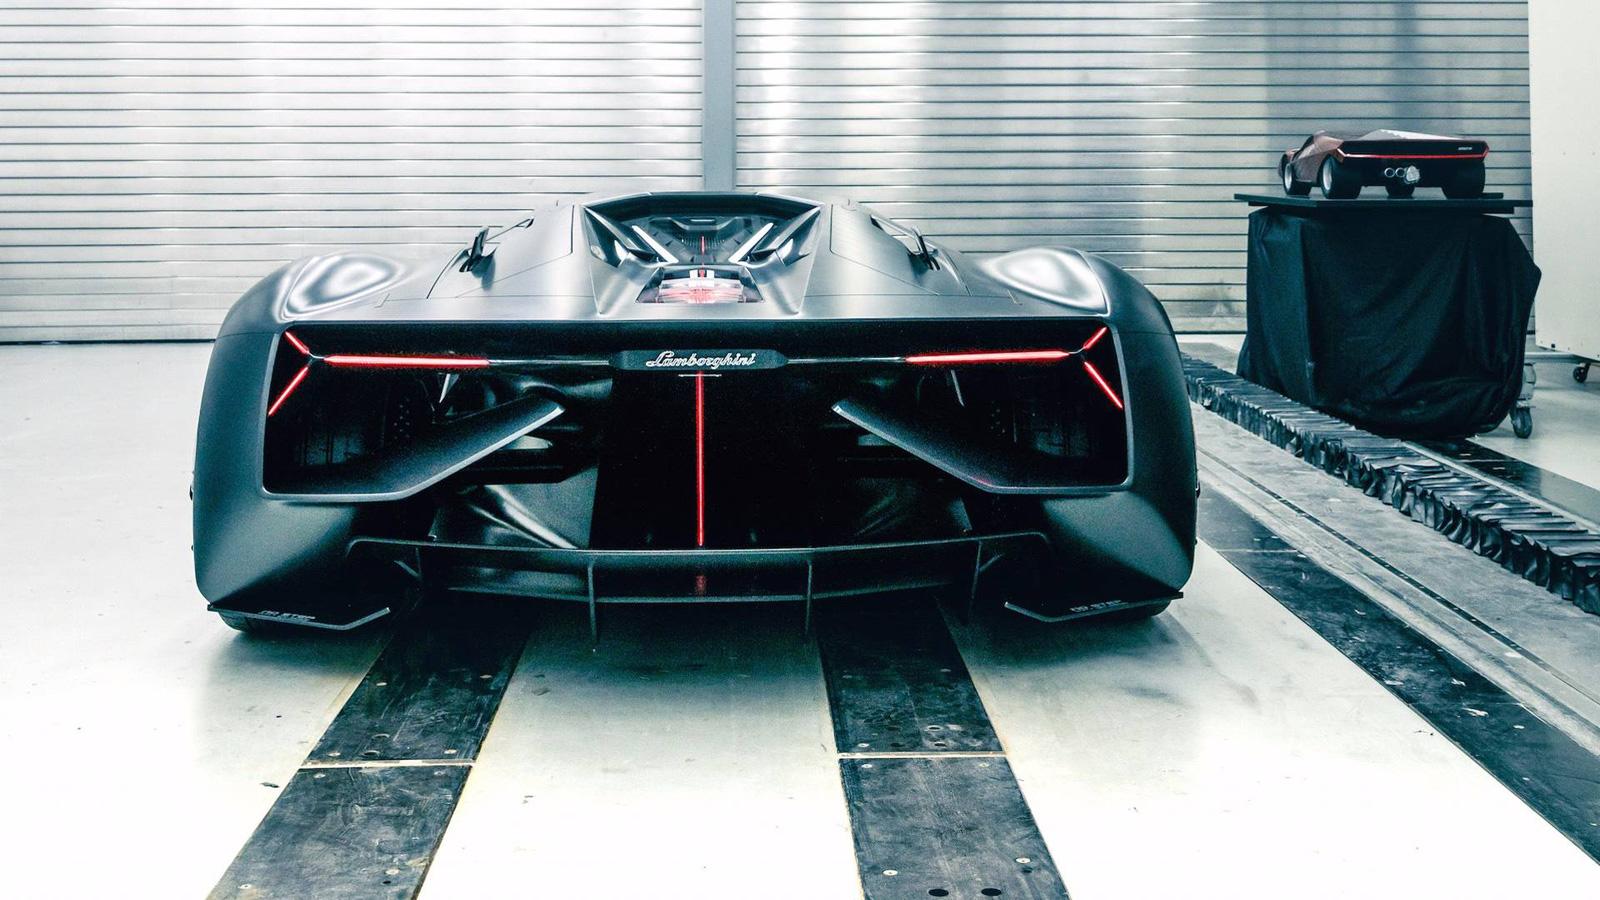 Vi-sao-Lamborghini-chua-tung-ra-sieu-xe-dien-anh-6